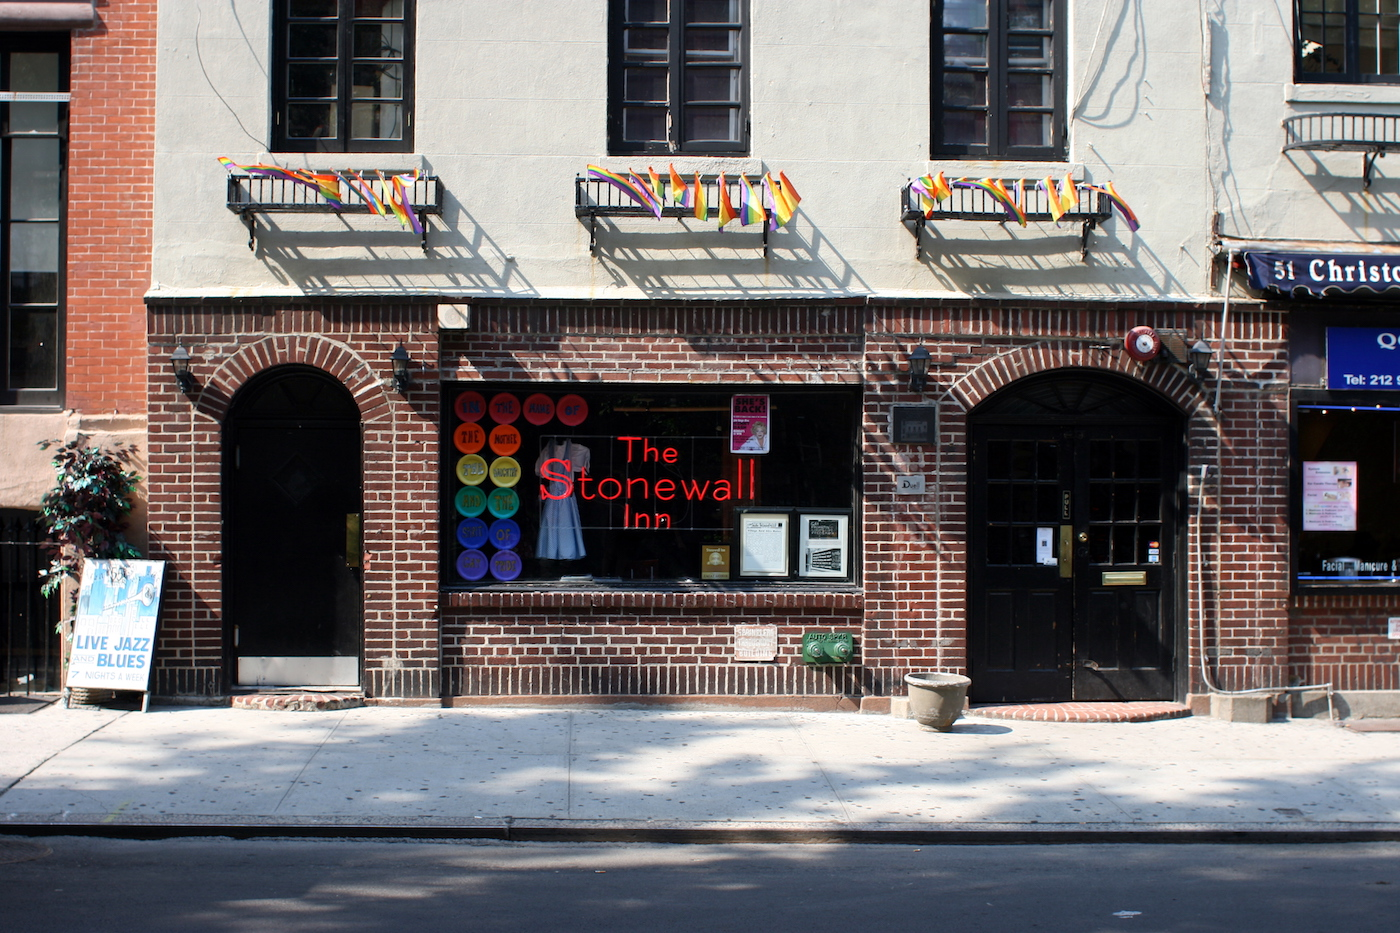 The Stonewall Inn on Christopher Street in Greenwich Village, as seen in August 2008 (photo by Johannes Jordan/Wikimedia)